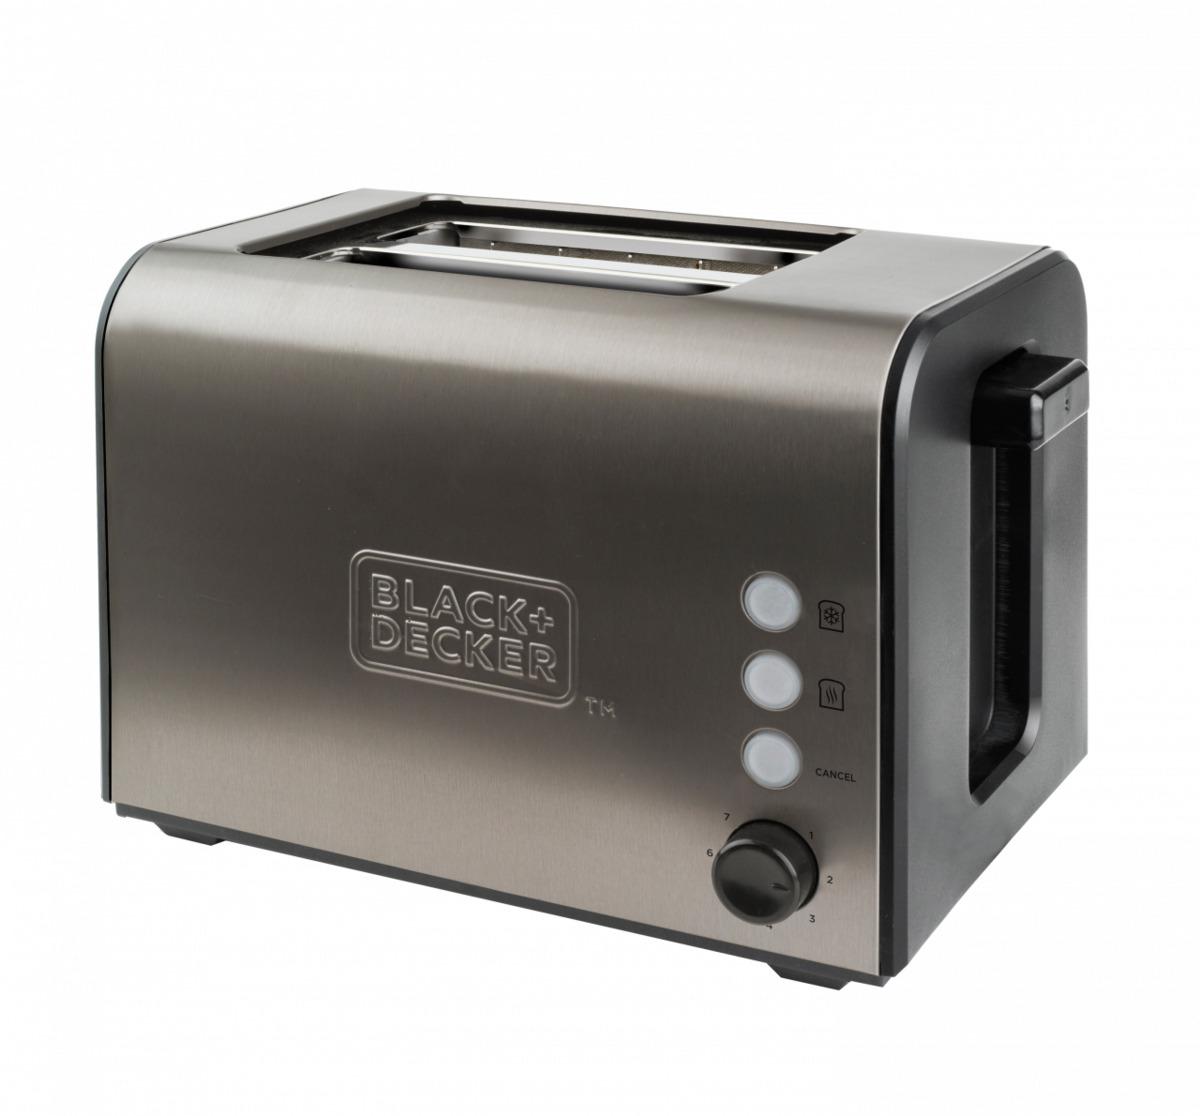 Bild 1 von Black+Decker Toaster BXTO900E